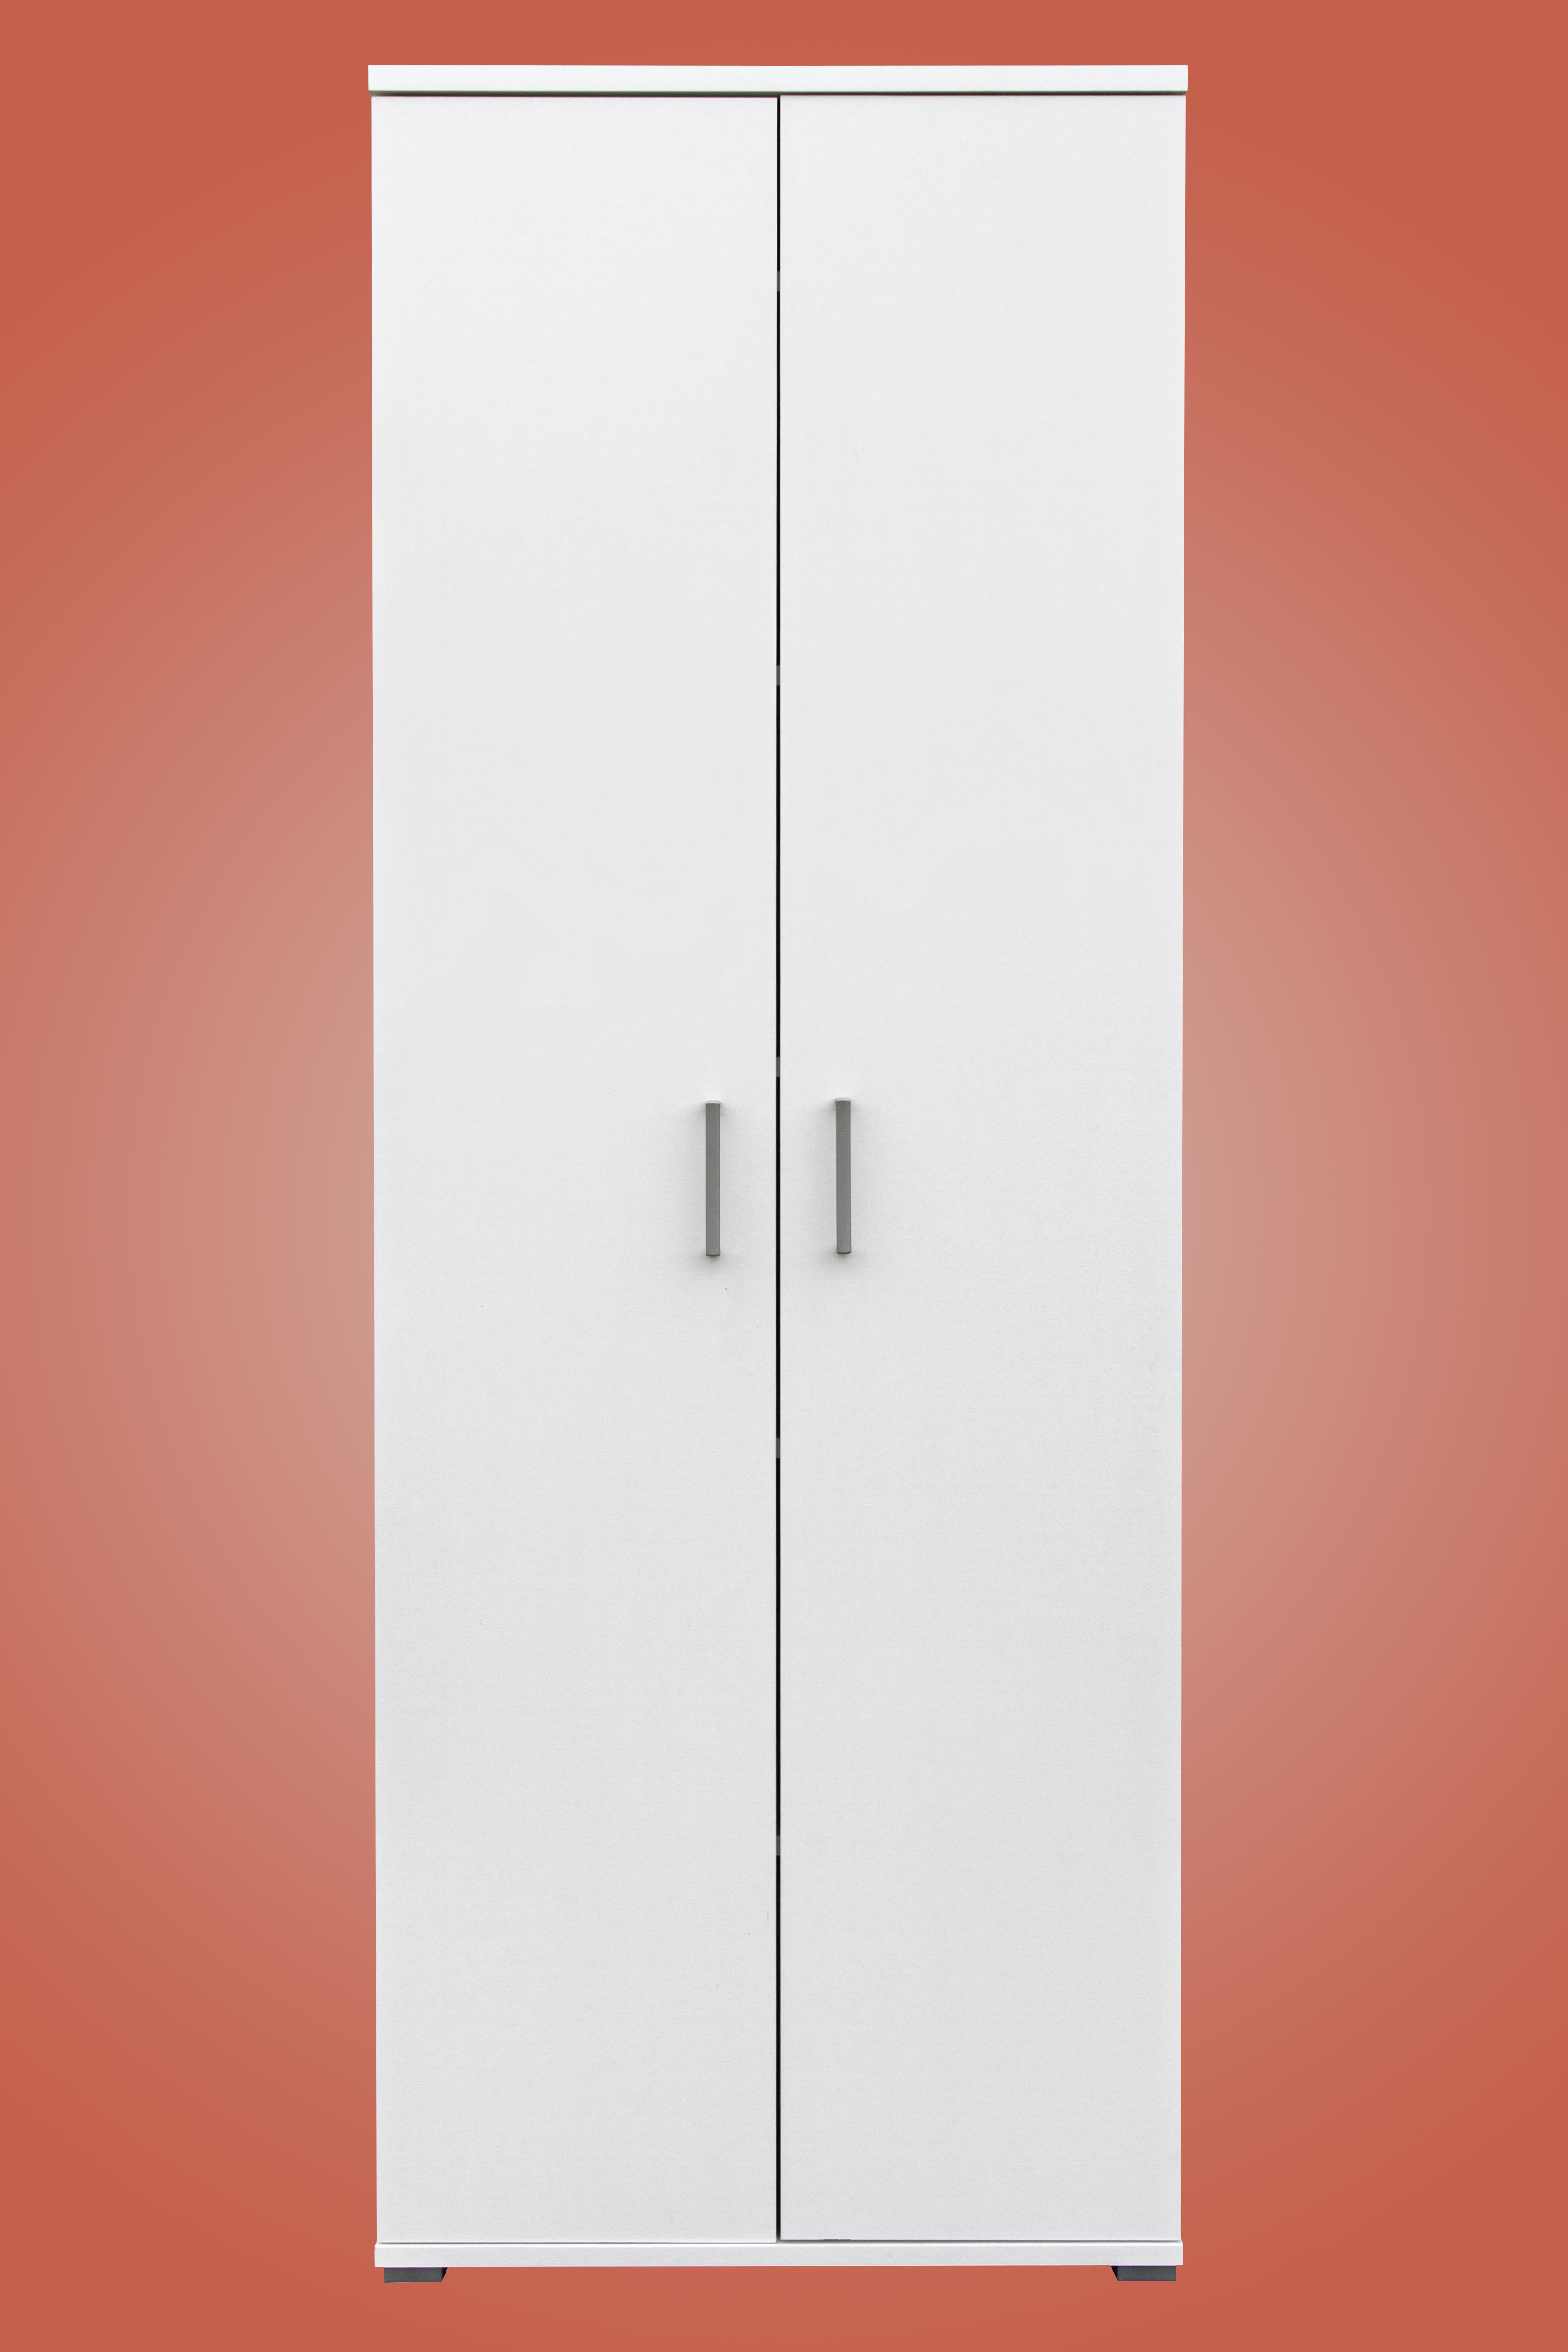 mehrzweckschrank aktenschrank schuhschrank schrank 2 t rig. Black Bedroom Furniture Sets. Home Design Ideas